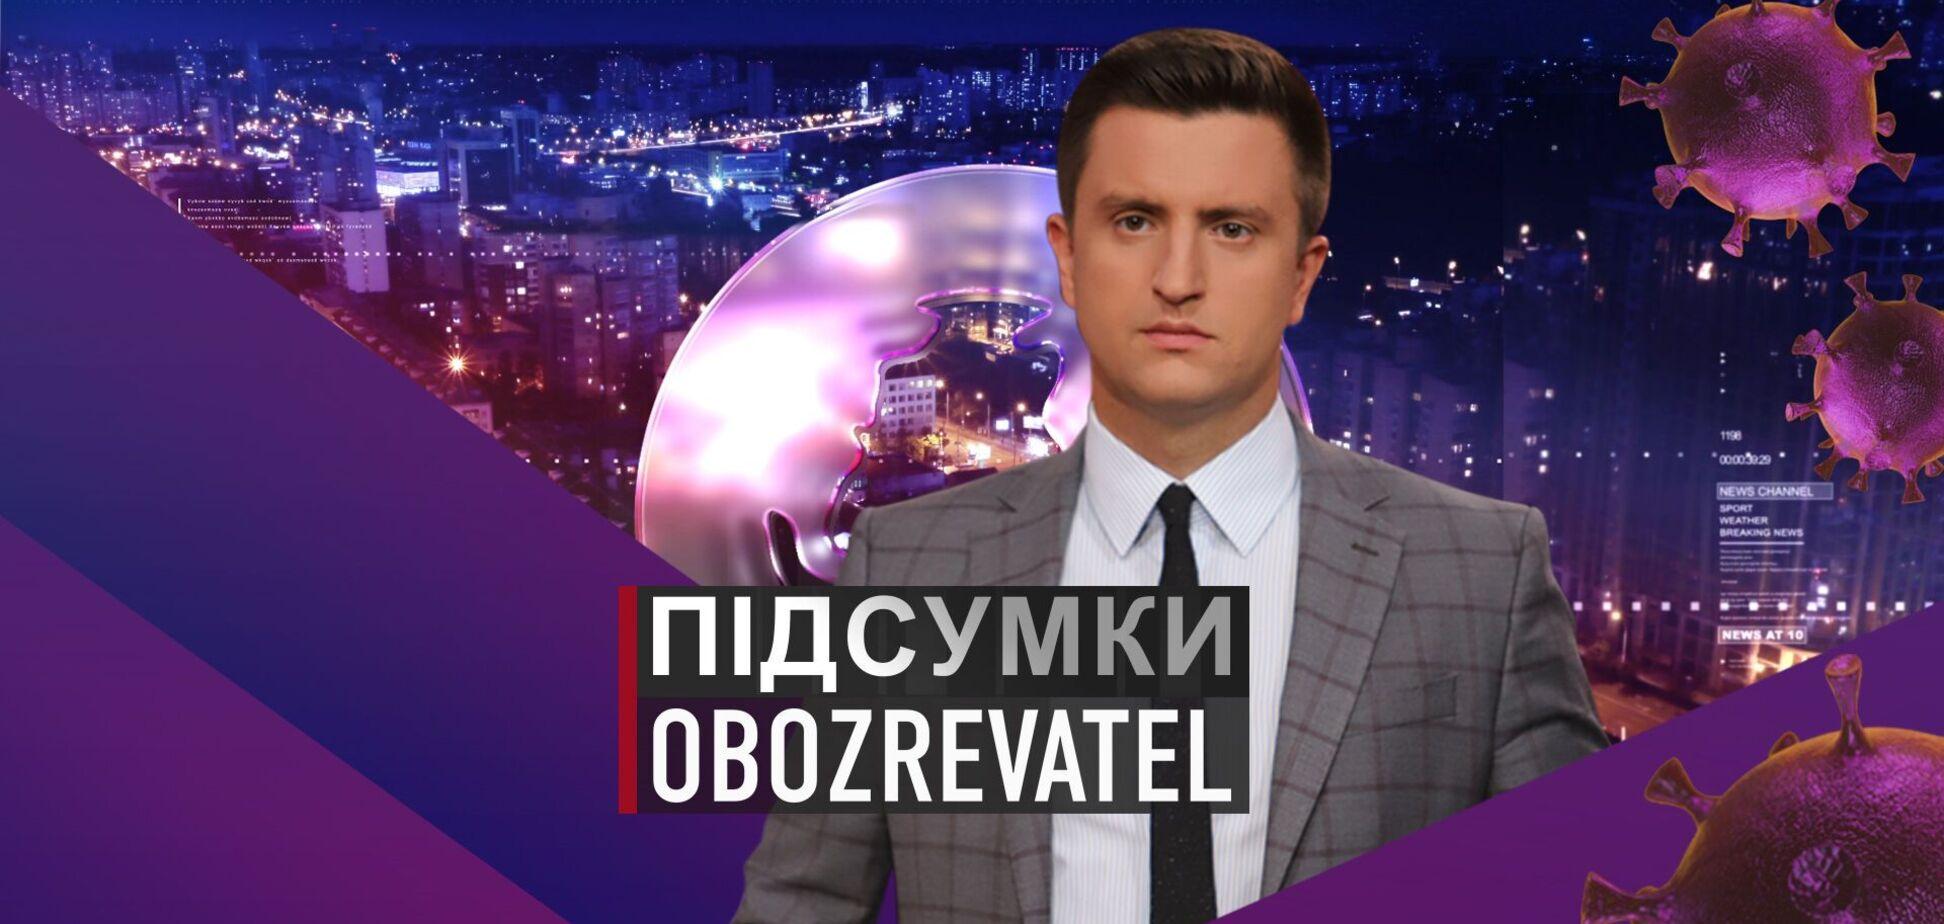 Підсумки з Вадимом Колодійчуком. Понеділок, 31 травня